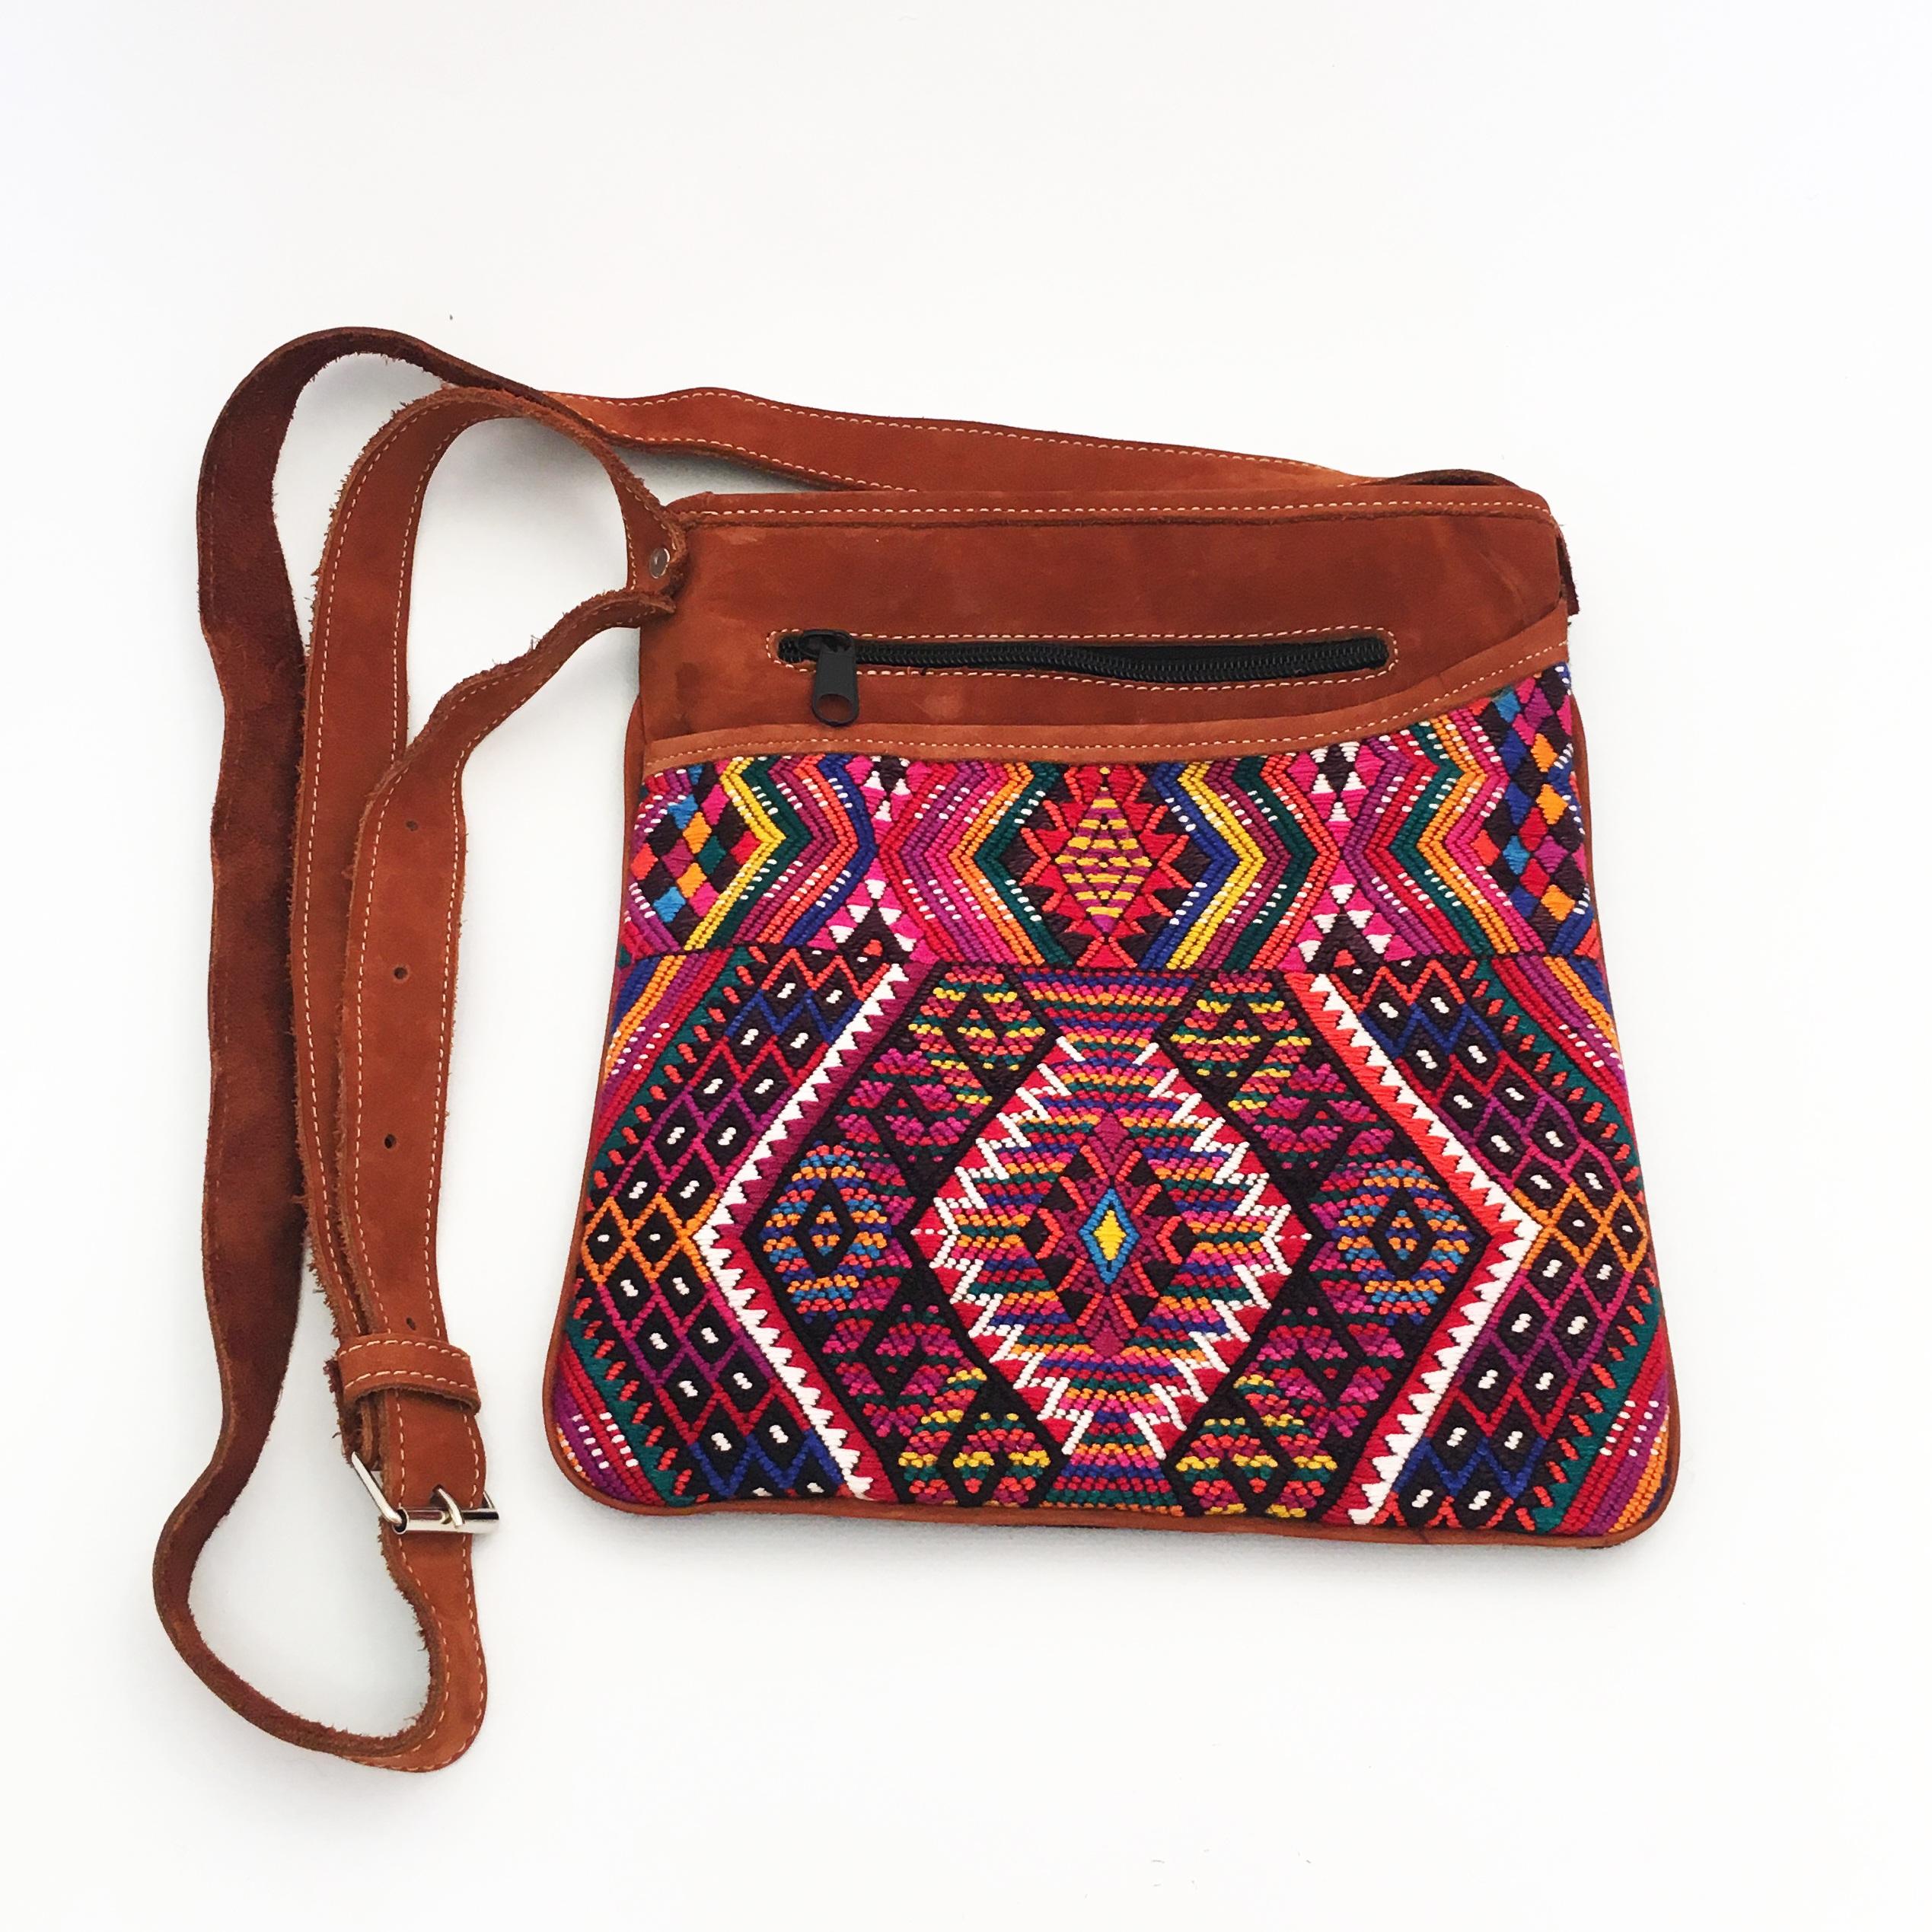 väska, axelväska, guatemala, återbruk, recycle, reuse (13)